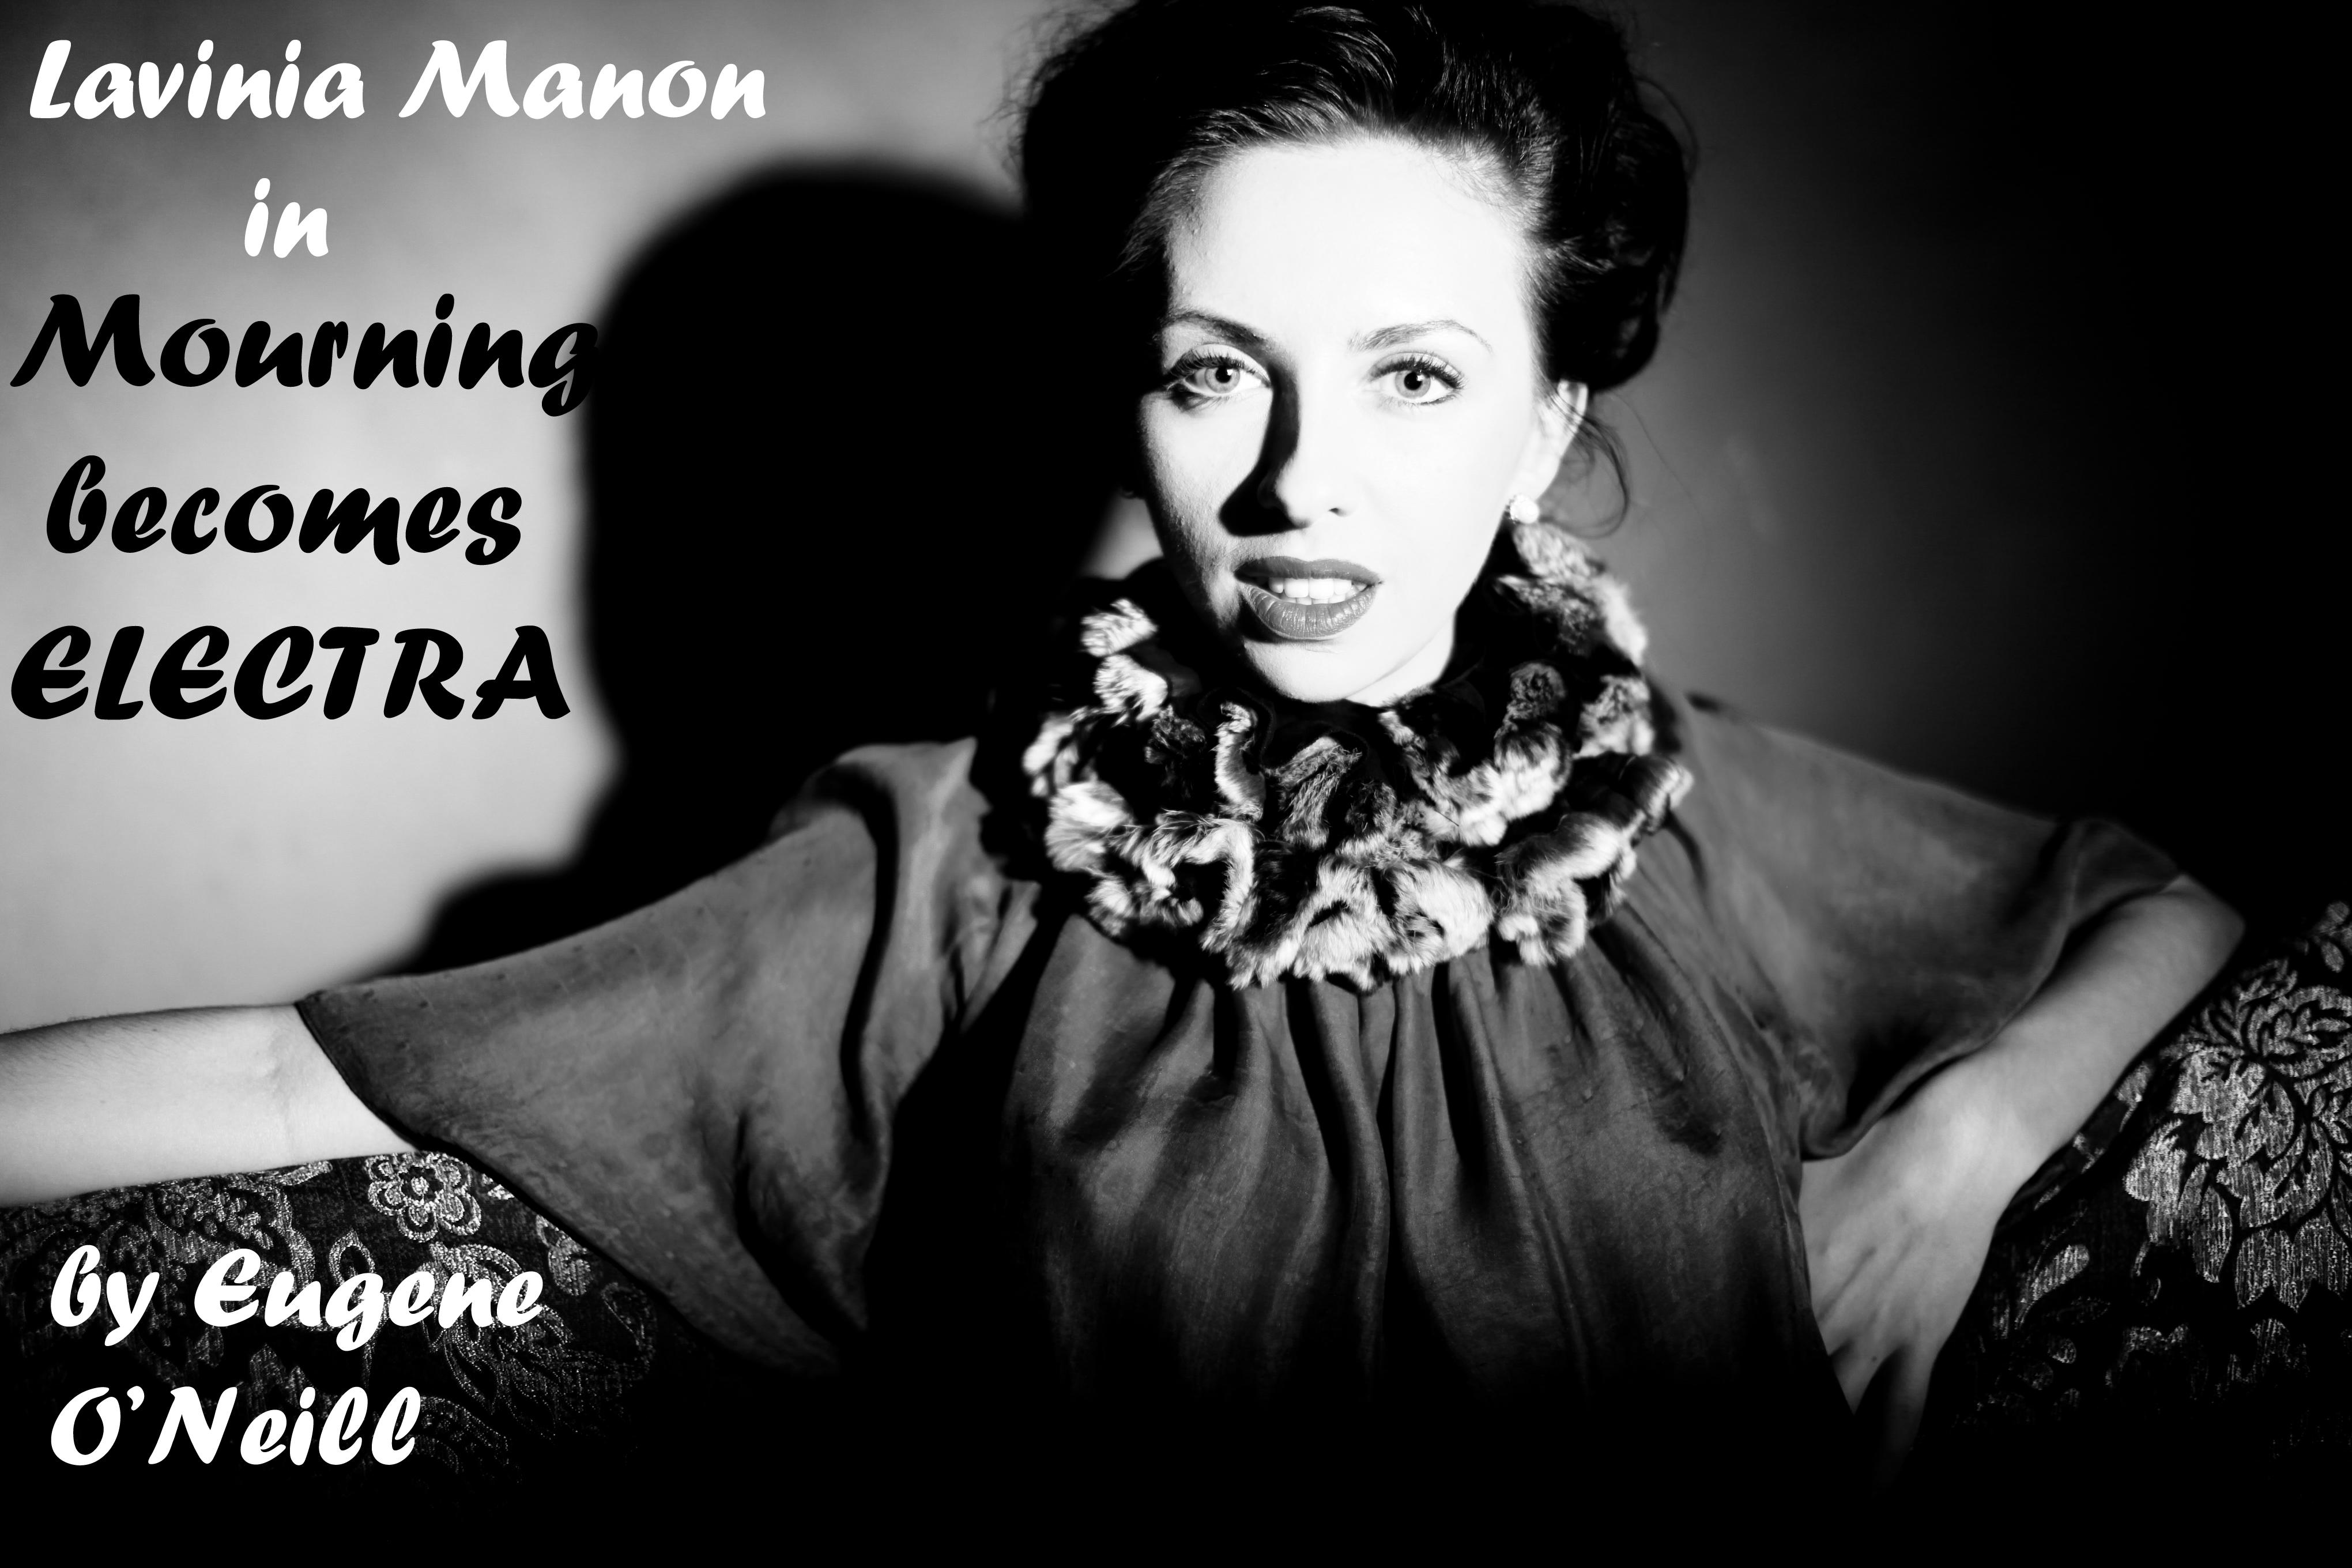 Role: Lavinia Mannon